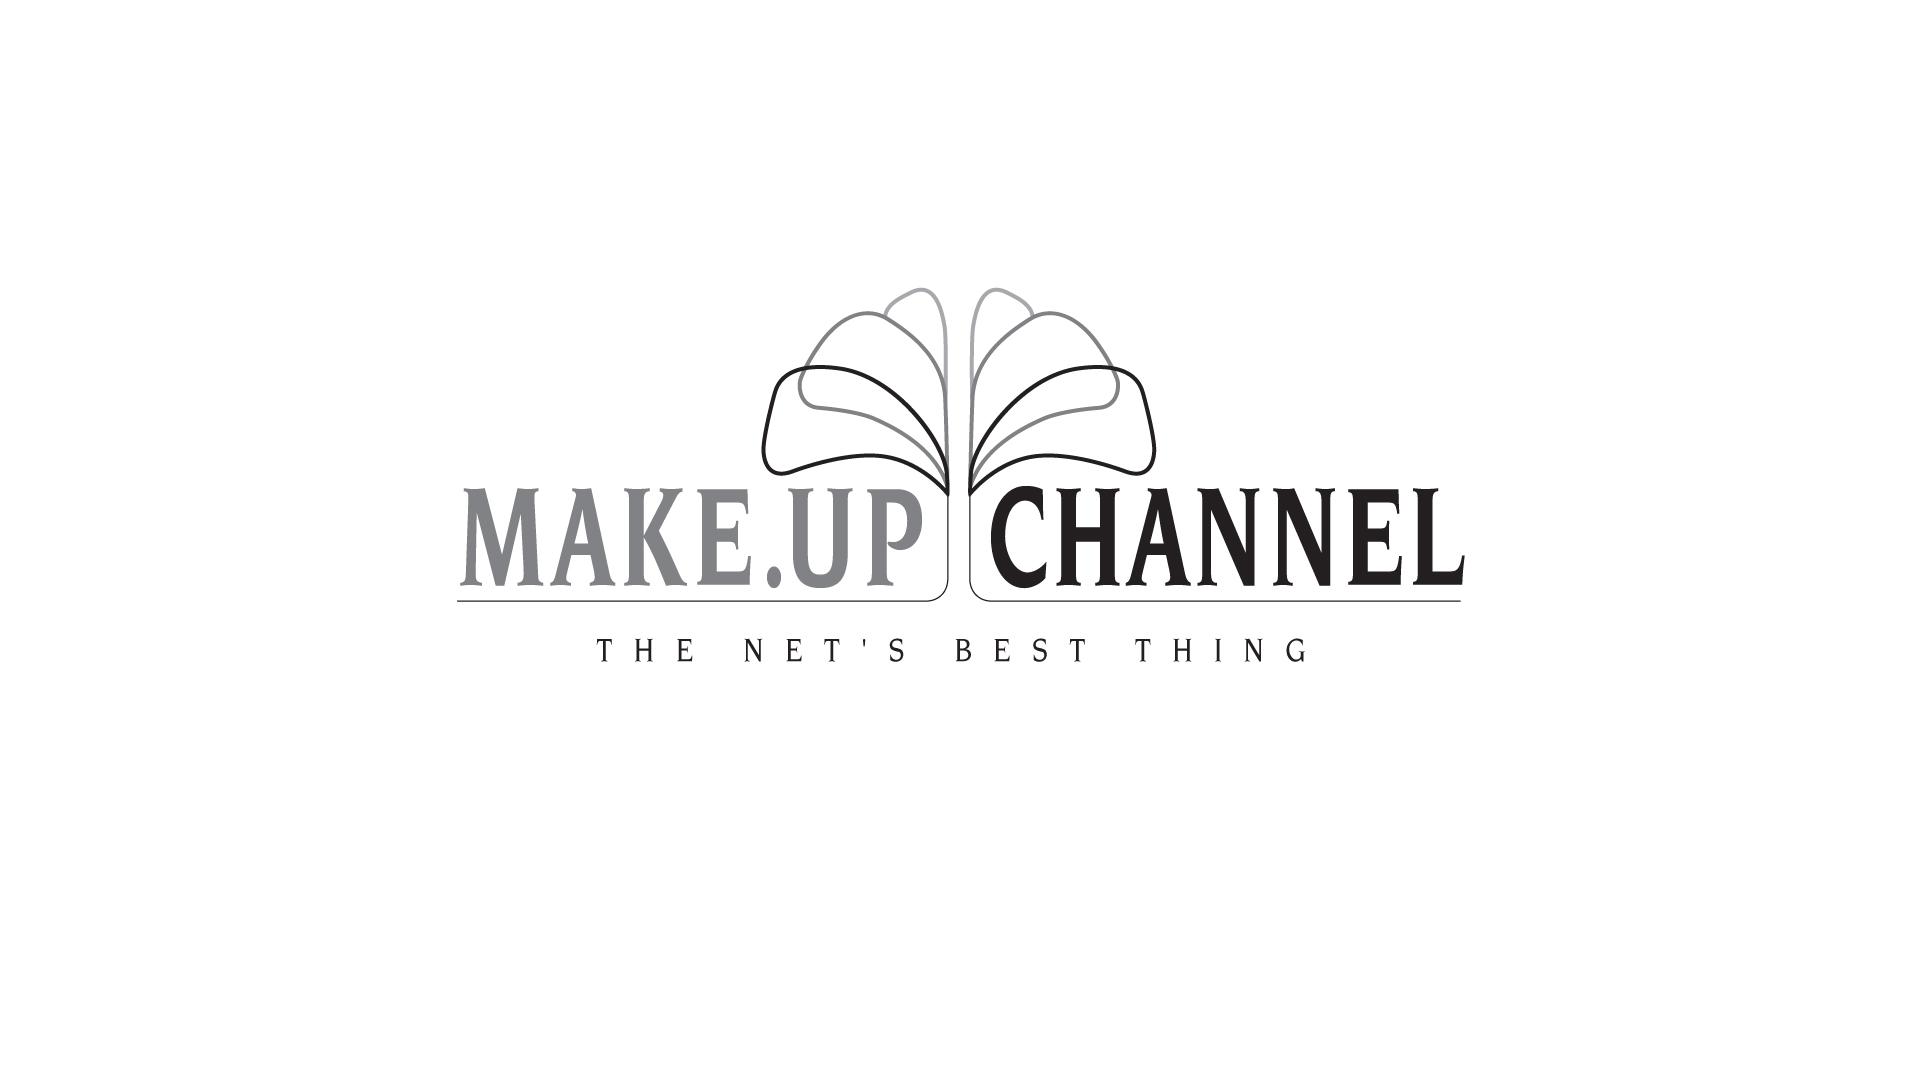 Make-Up Channel Online Beauty School Logo Design